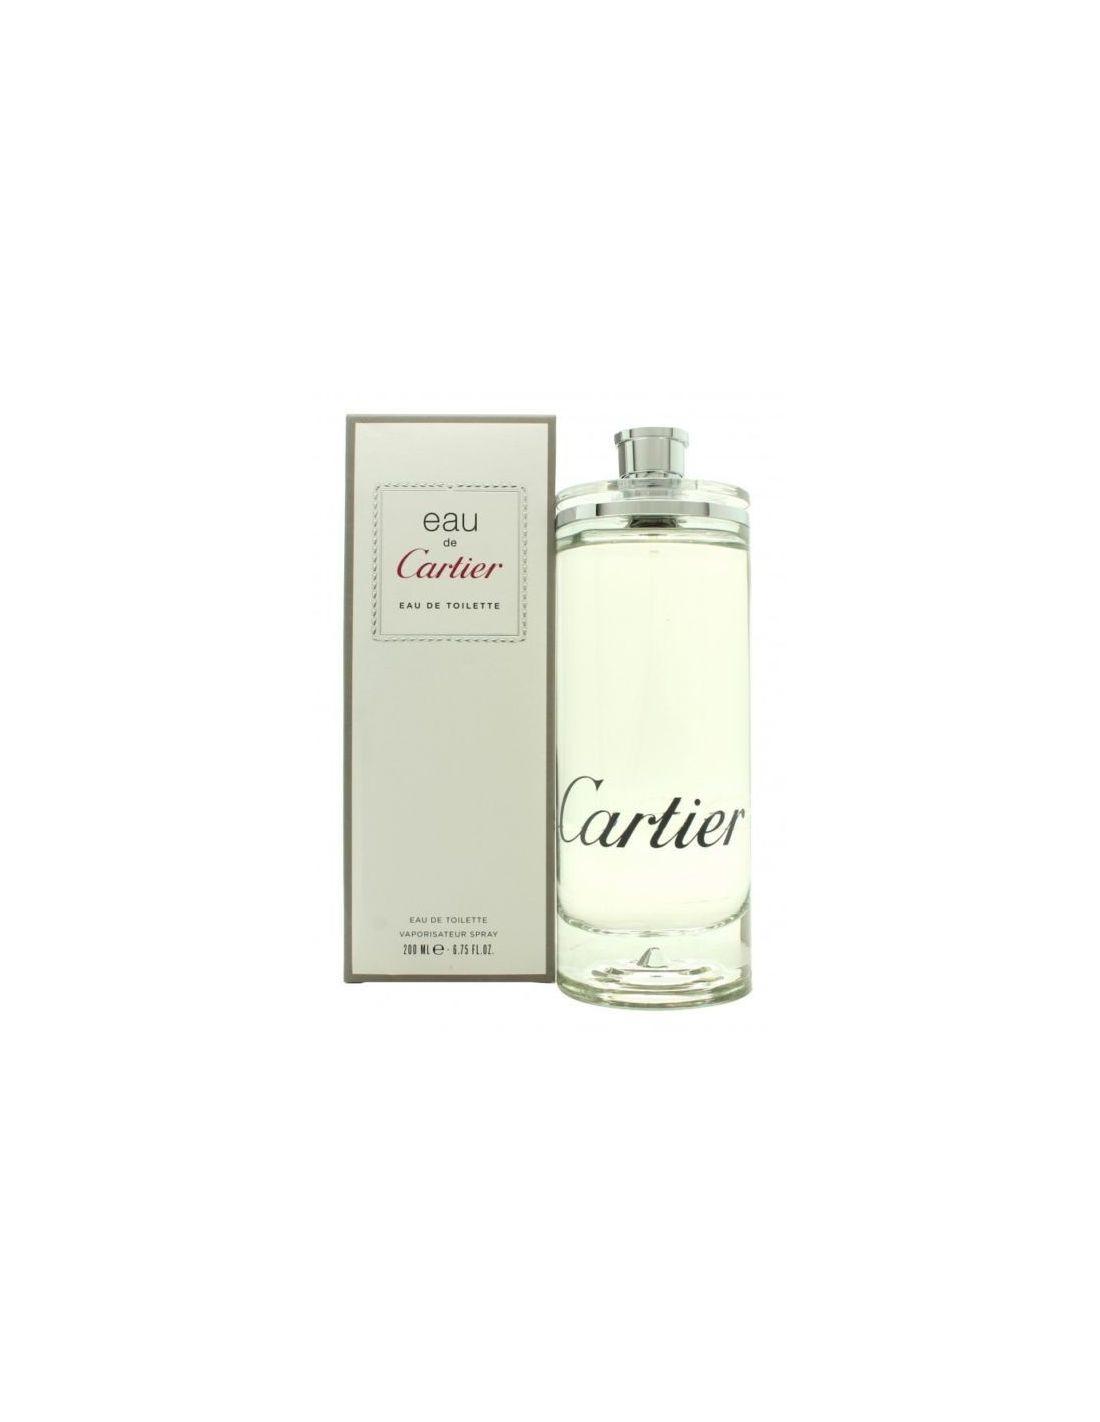 bb66f89c123 Perfume Eau De Cartier Eau de Toilette 200 ml - Perfumes 24 ®